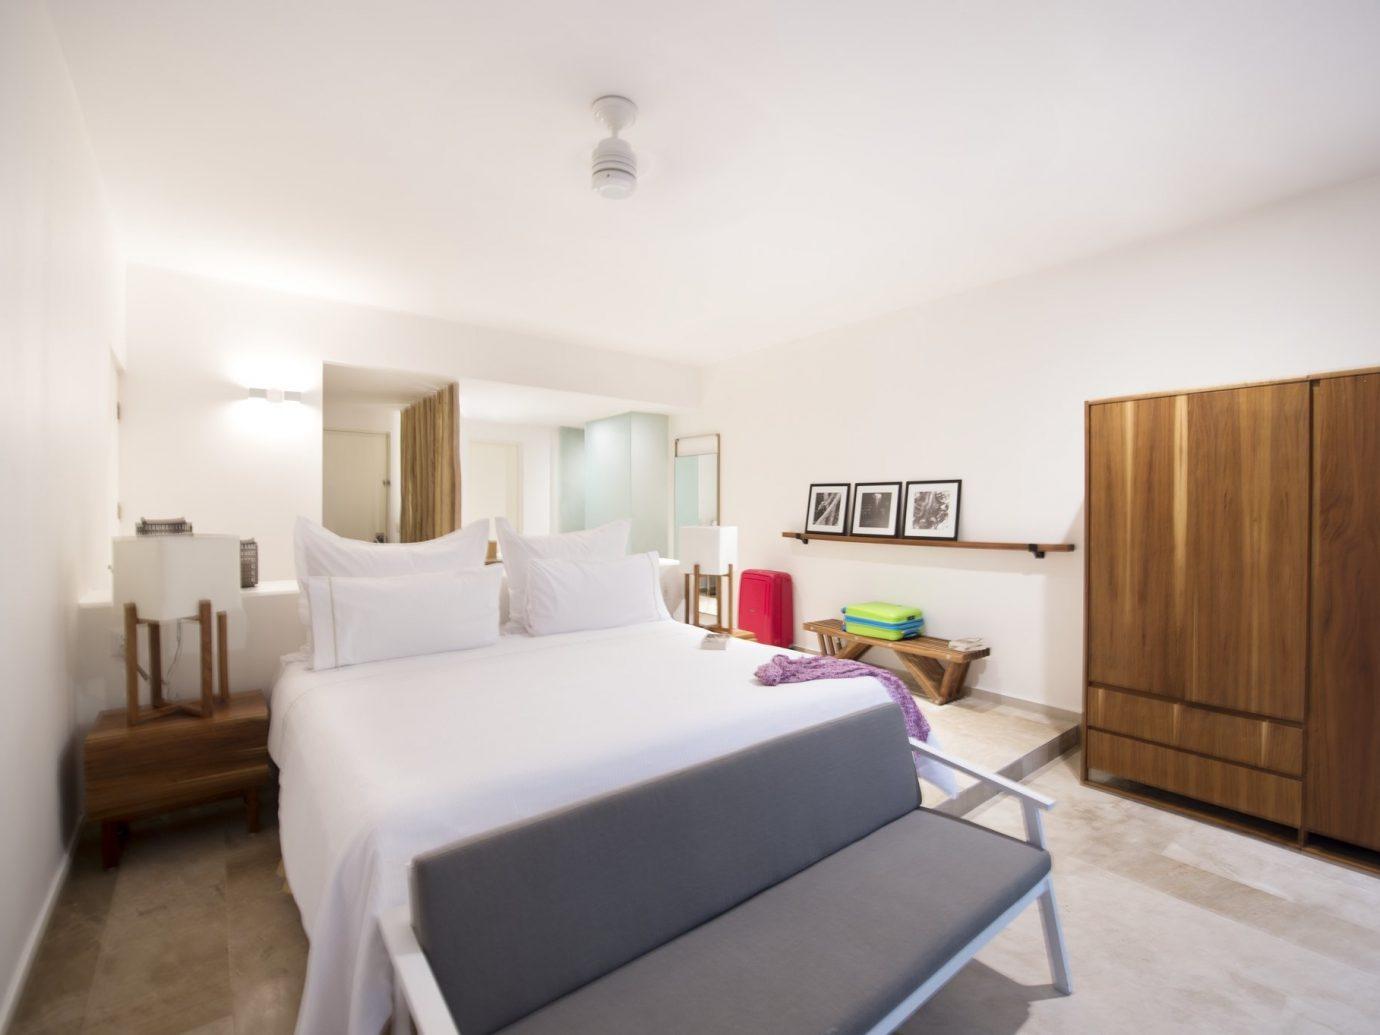 Bedroom at the Explorean in Cozumel